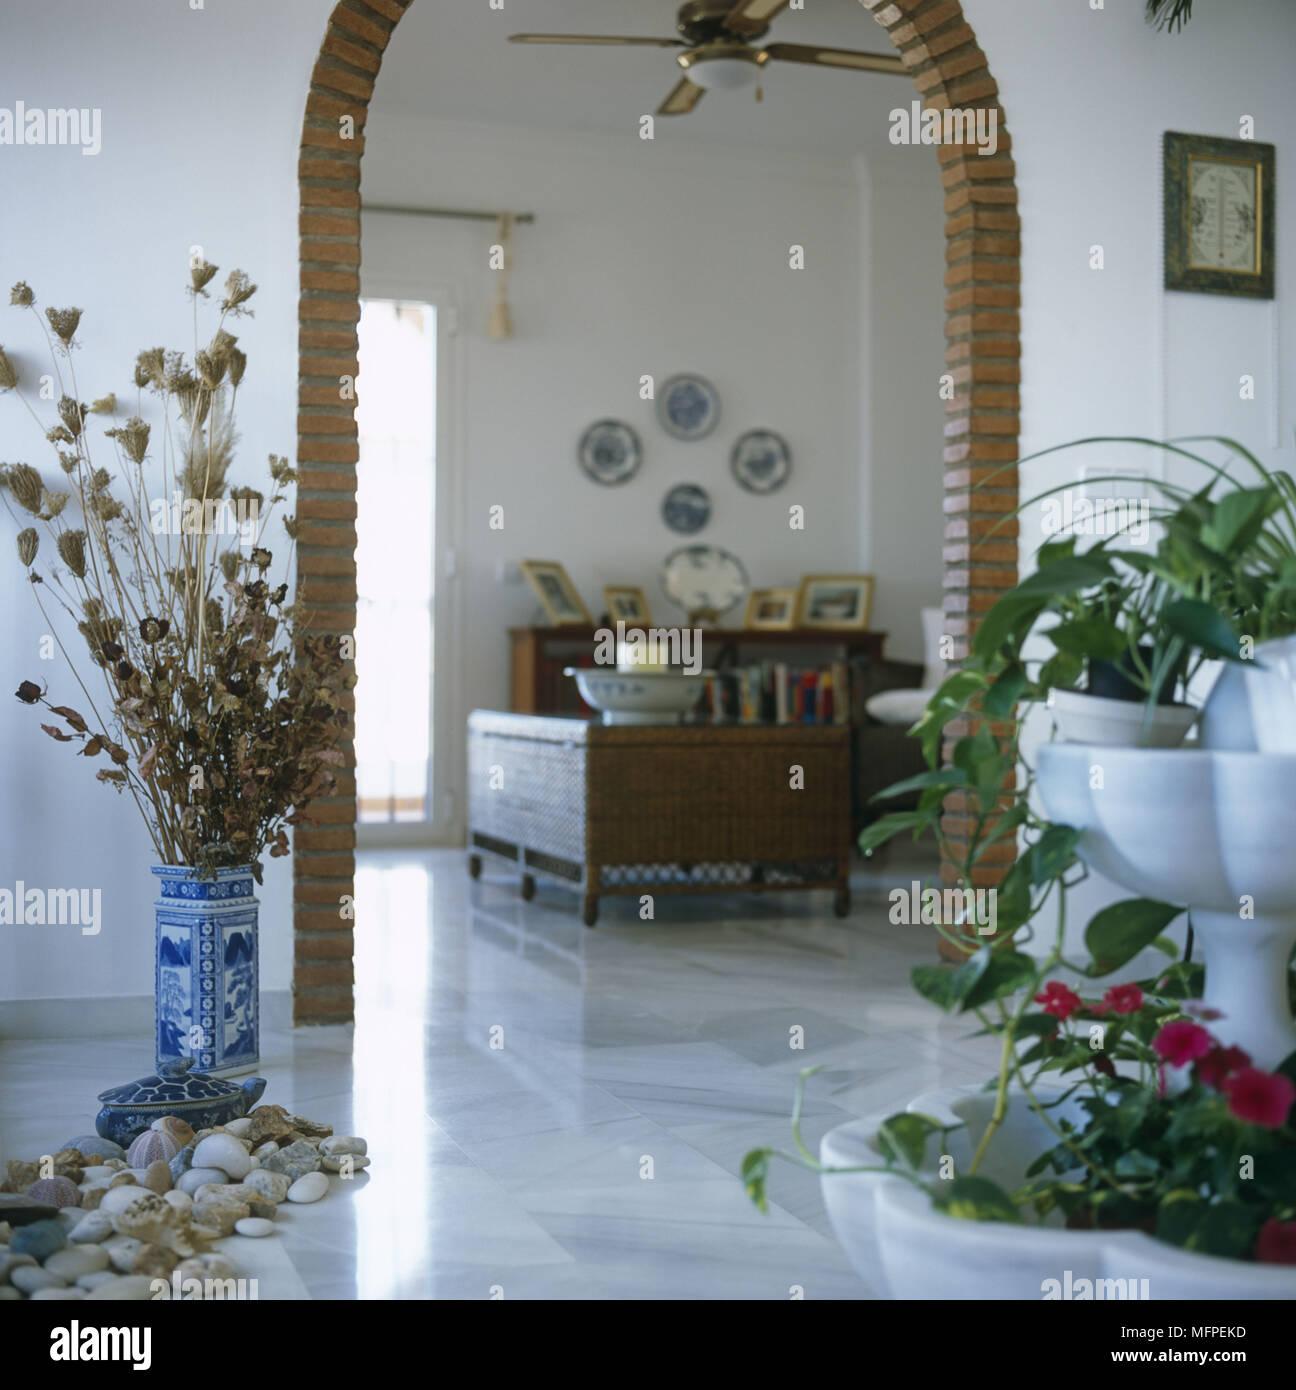 Der Blick Durch Einen Gemauerten Bogen Zu Einem Mediterranen Stil Wohnzimmer  Mit Marmorboden Mit Einer Anzeige Der Steine Und Muscheln Auf Den Boden.